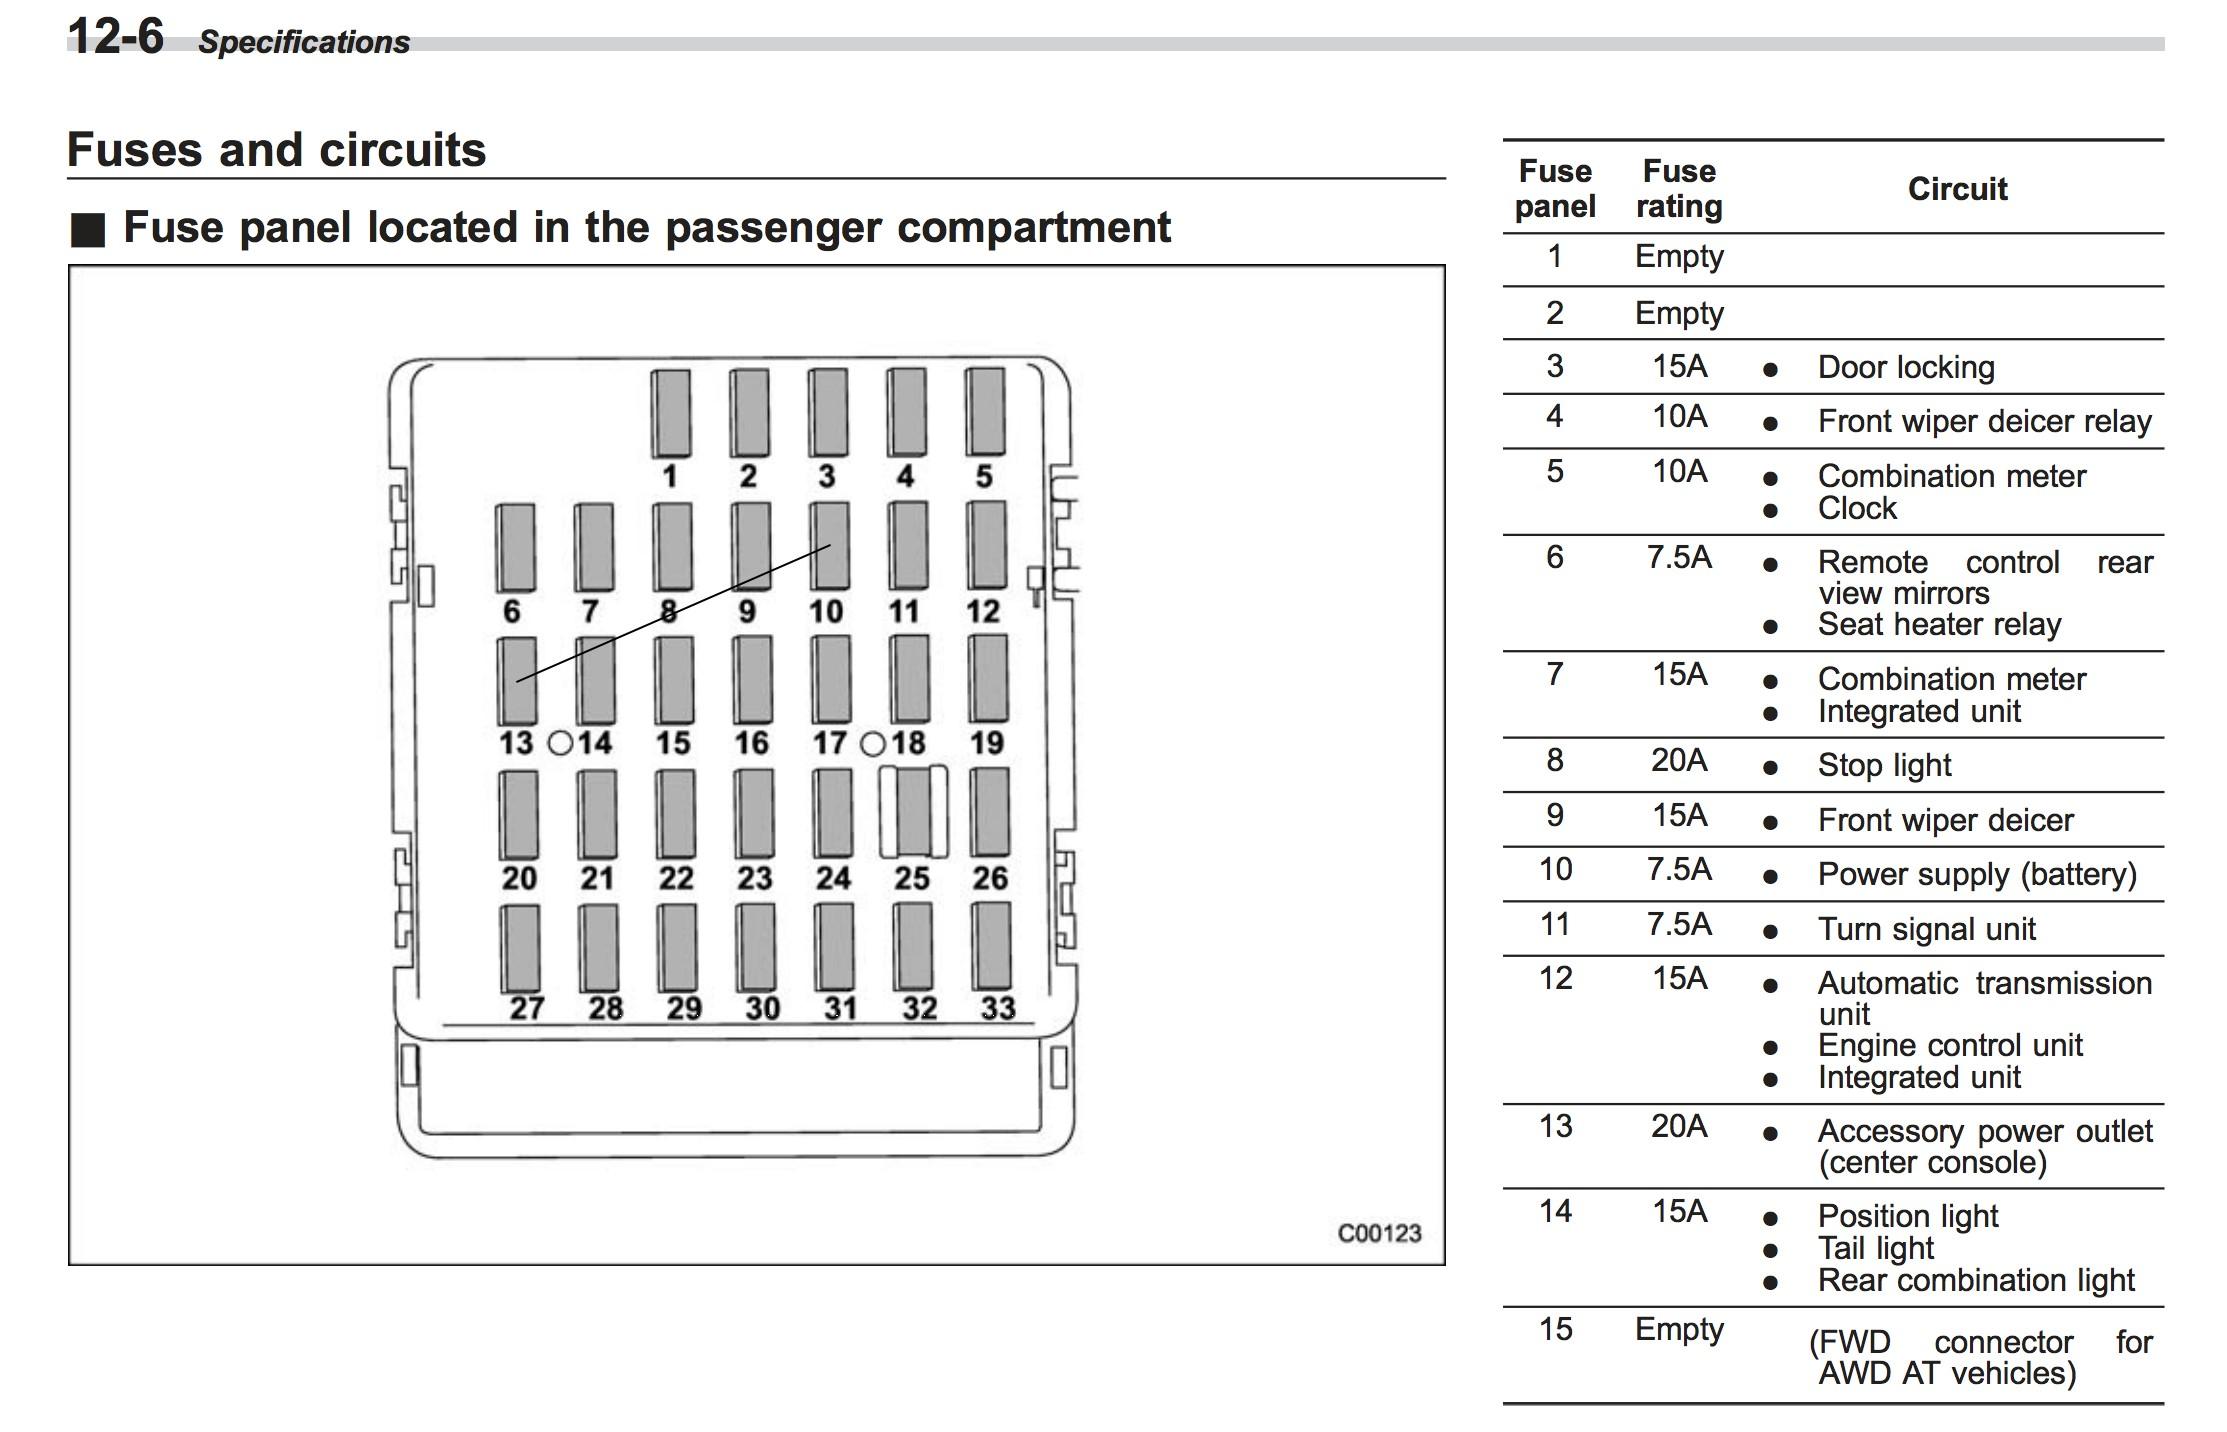 1998 Lexus Es300 Engine Diagram Wrg 9914] 2002 Lexus Es300 Engine Diagram Of 1998 Lexus Es300 Engine Diagram